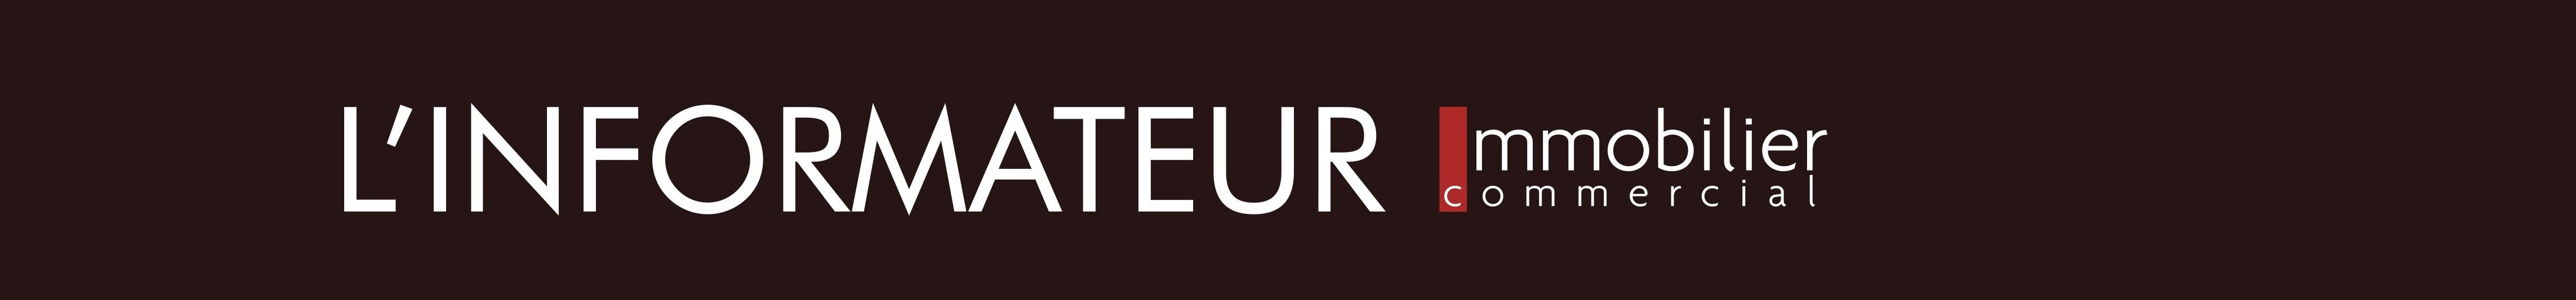 L'informateur immobilier Logo